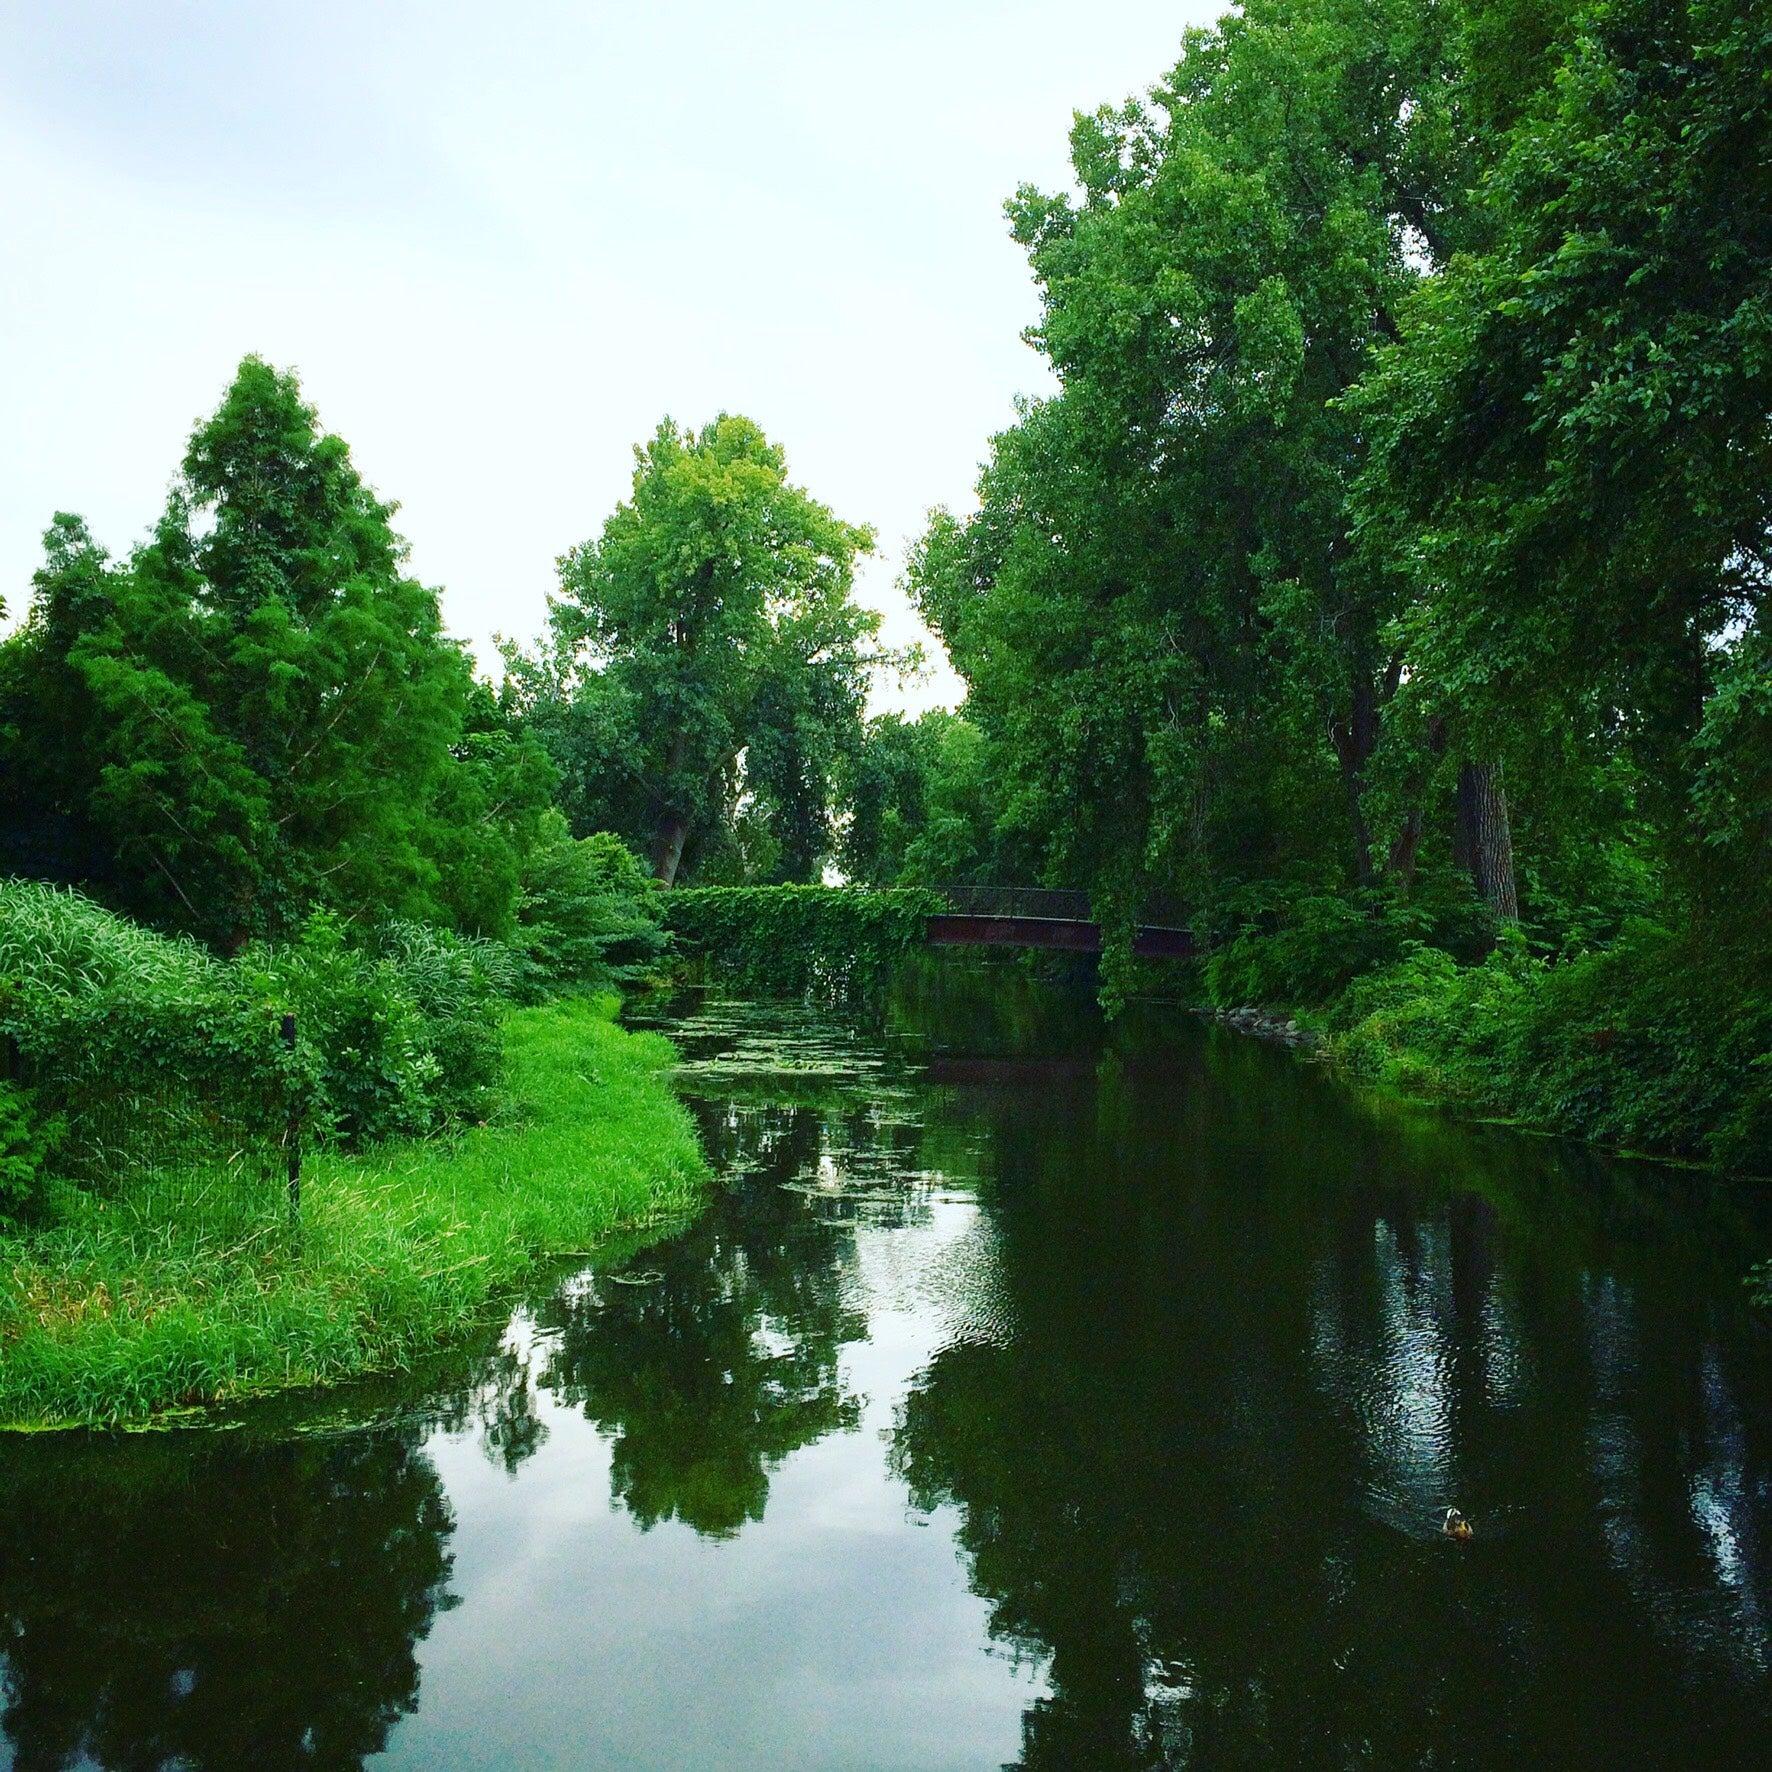 Olbrich Park